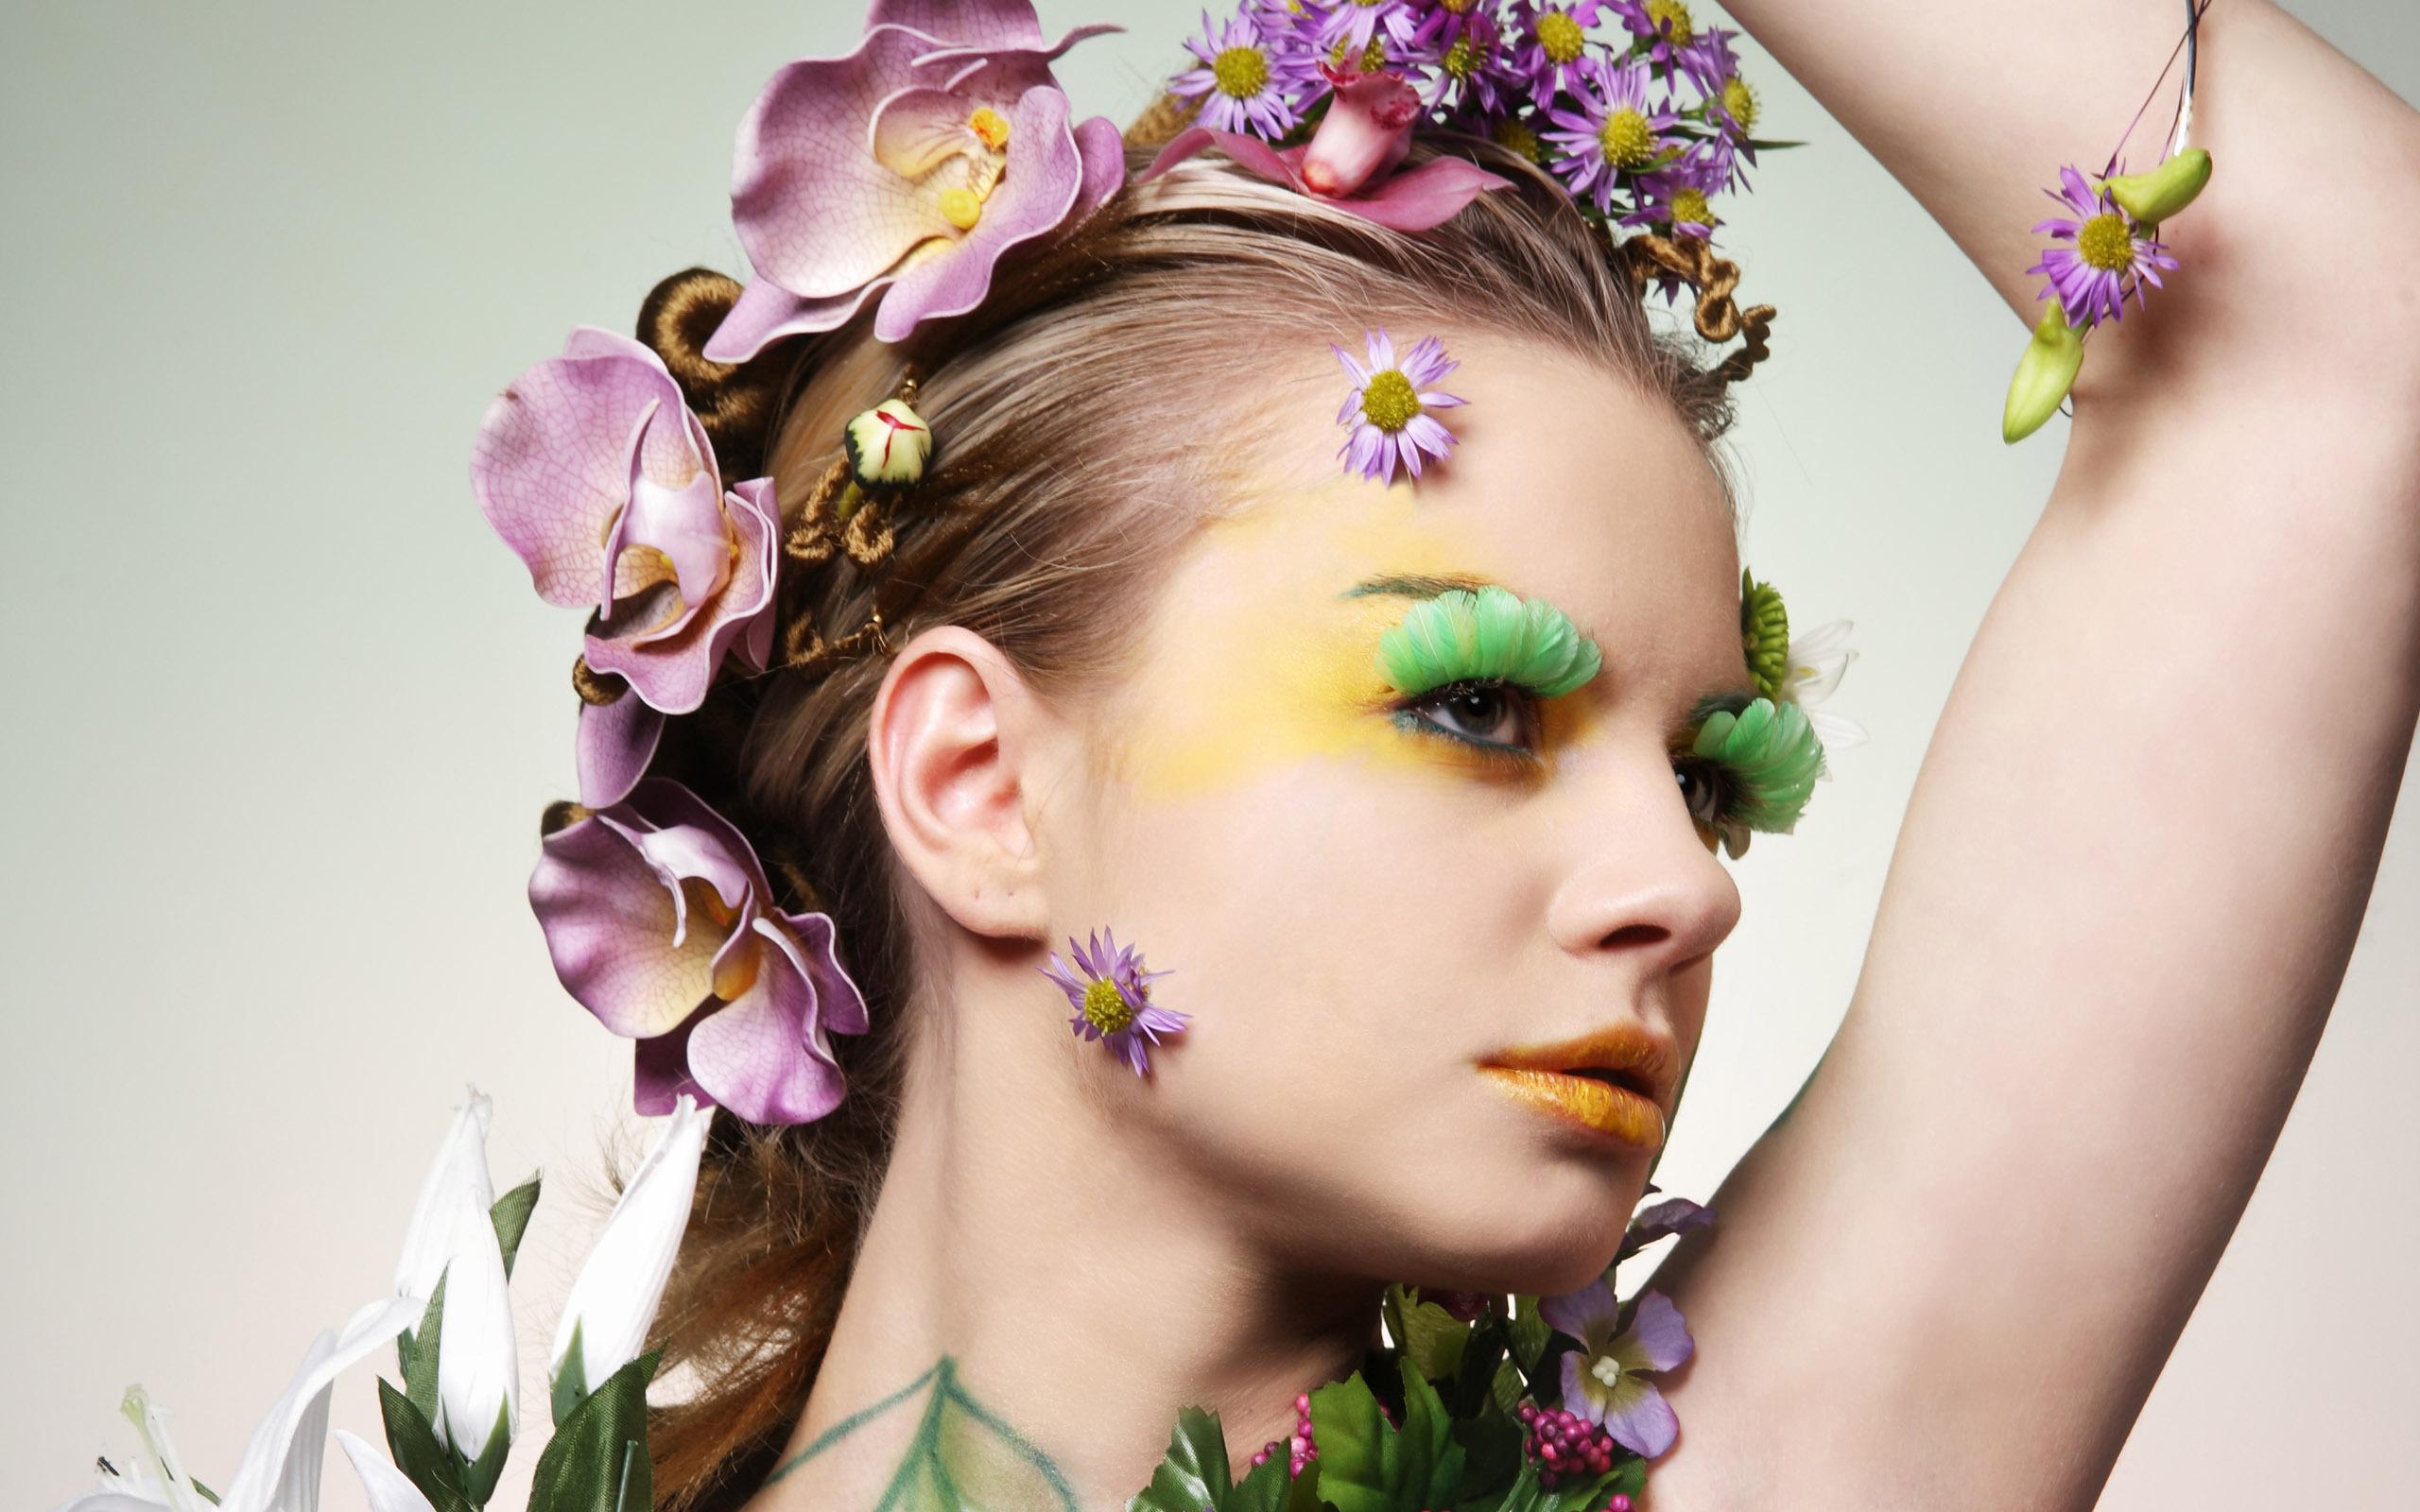 Girls___Models_Model_in_flowers_055356_.jpg